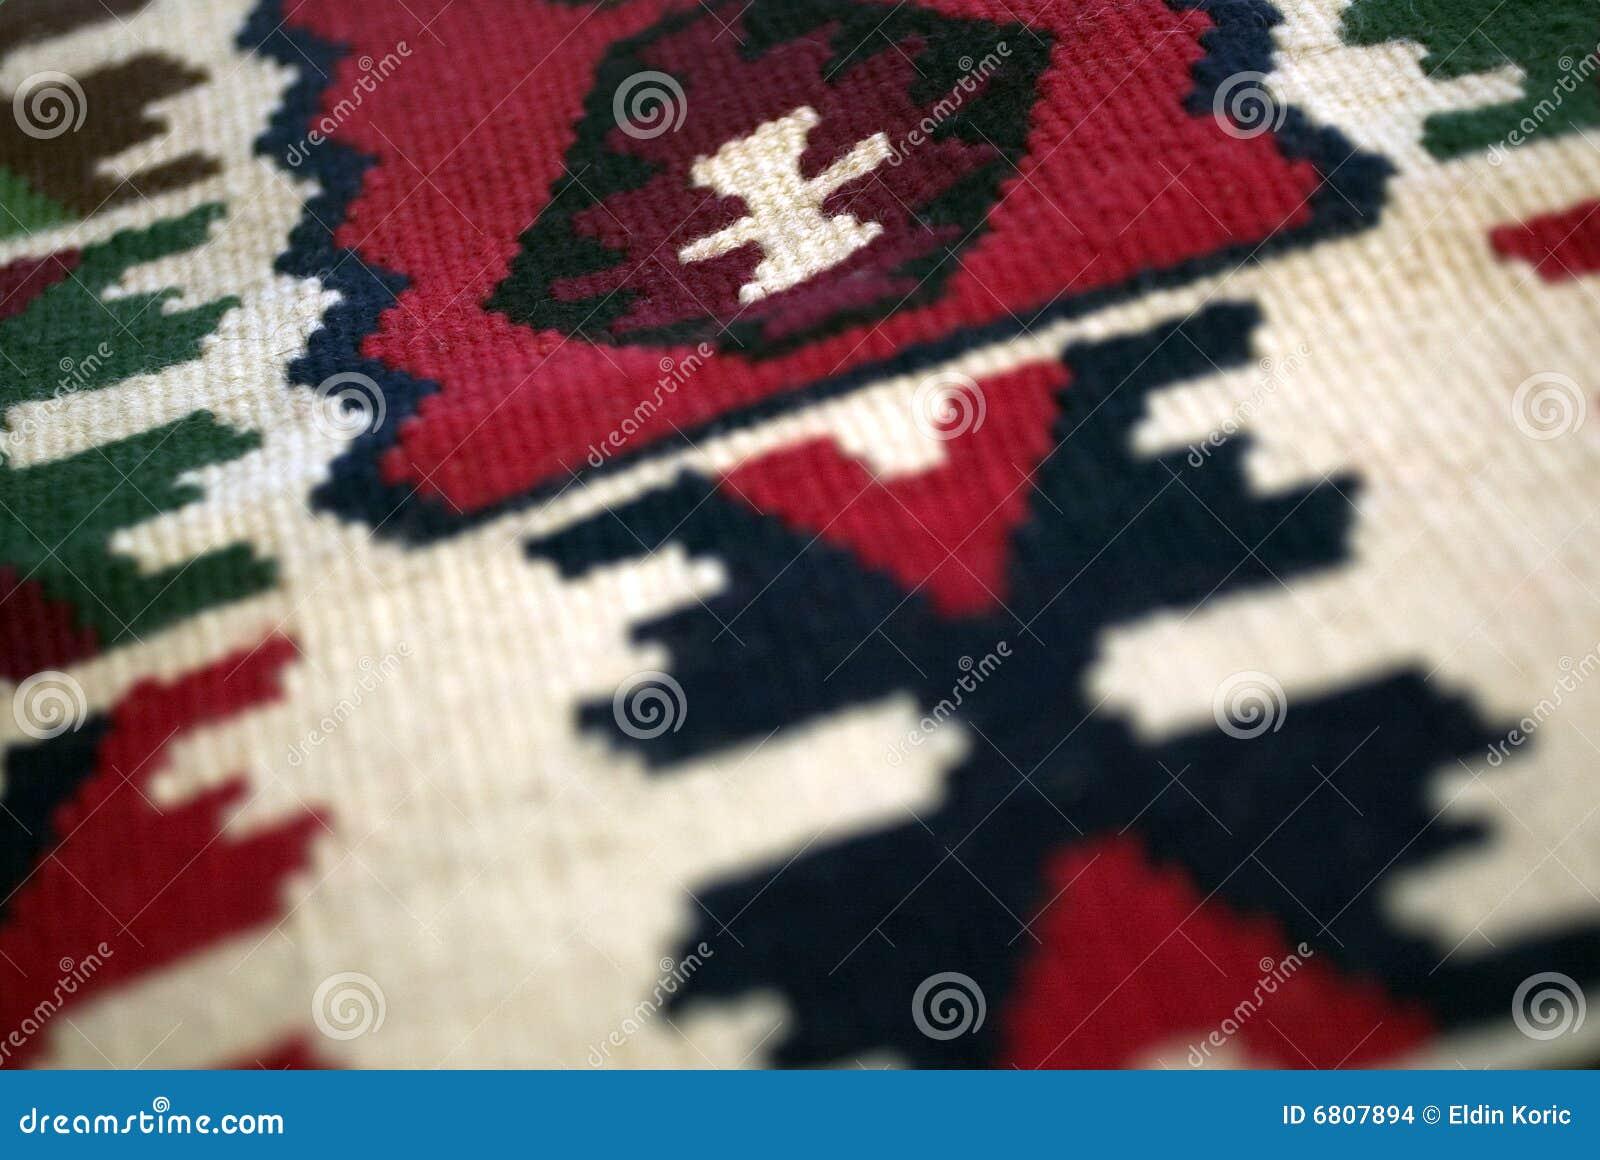 Orientalischer Teppich Stockbilder  Bild 6807894